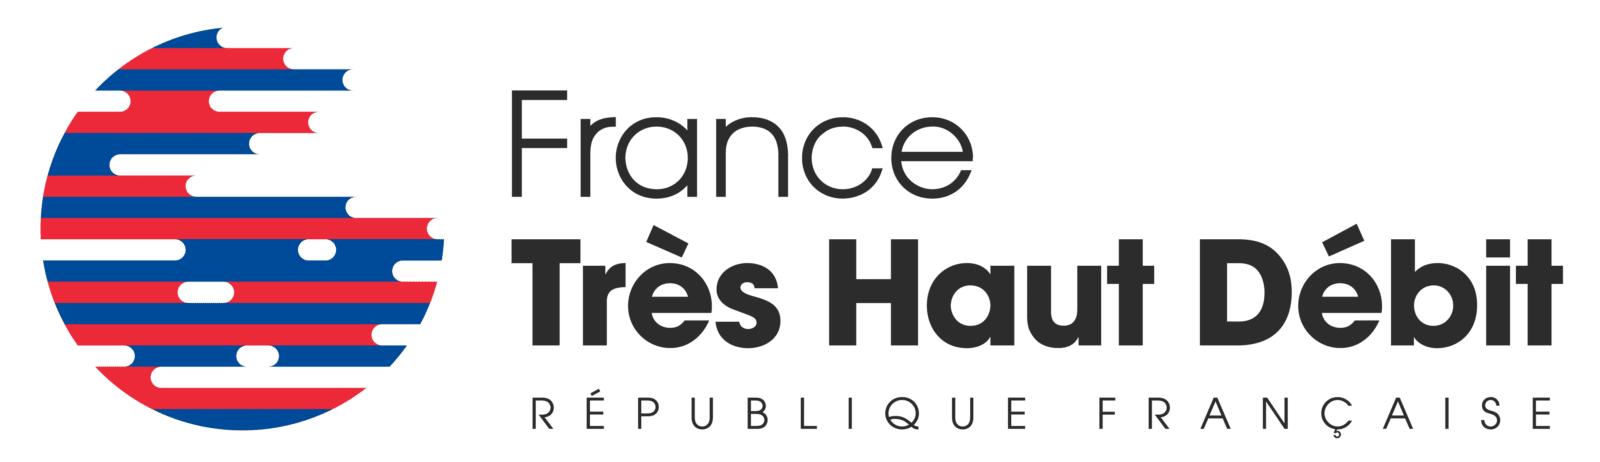 Photo de [ACTU] Enfin une carte officielle des débits pour la France !